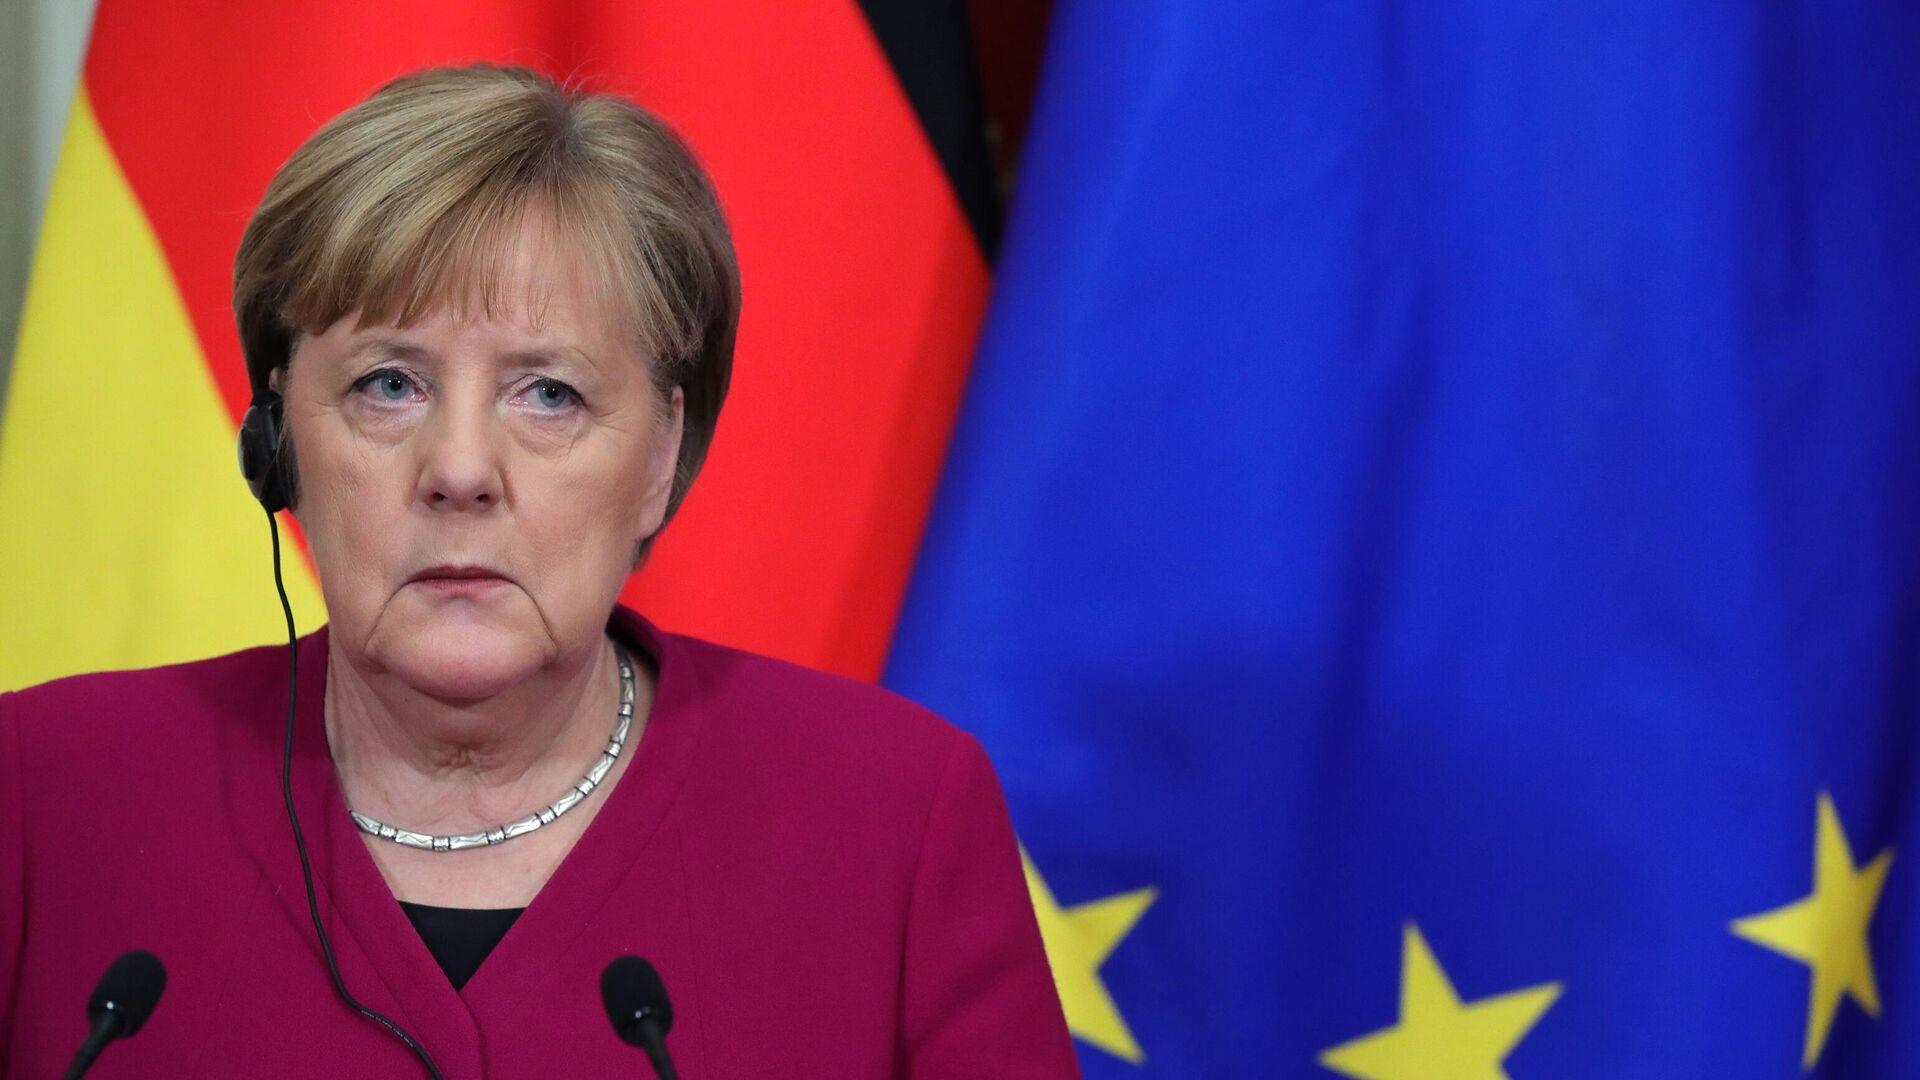 Федеральный канцлер Германии Ангела Меркель во время совместной с президентом РФ Владимиром Путиным пресс-конференции по итогам встреч - РИА Новости, 1920, 19.02.2021